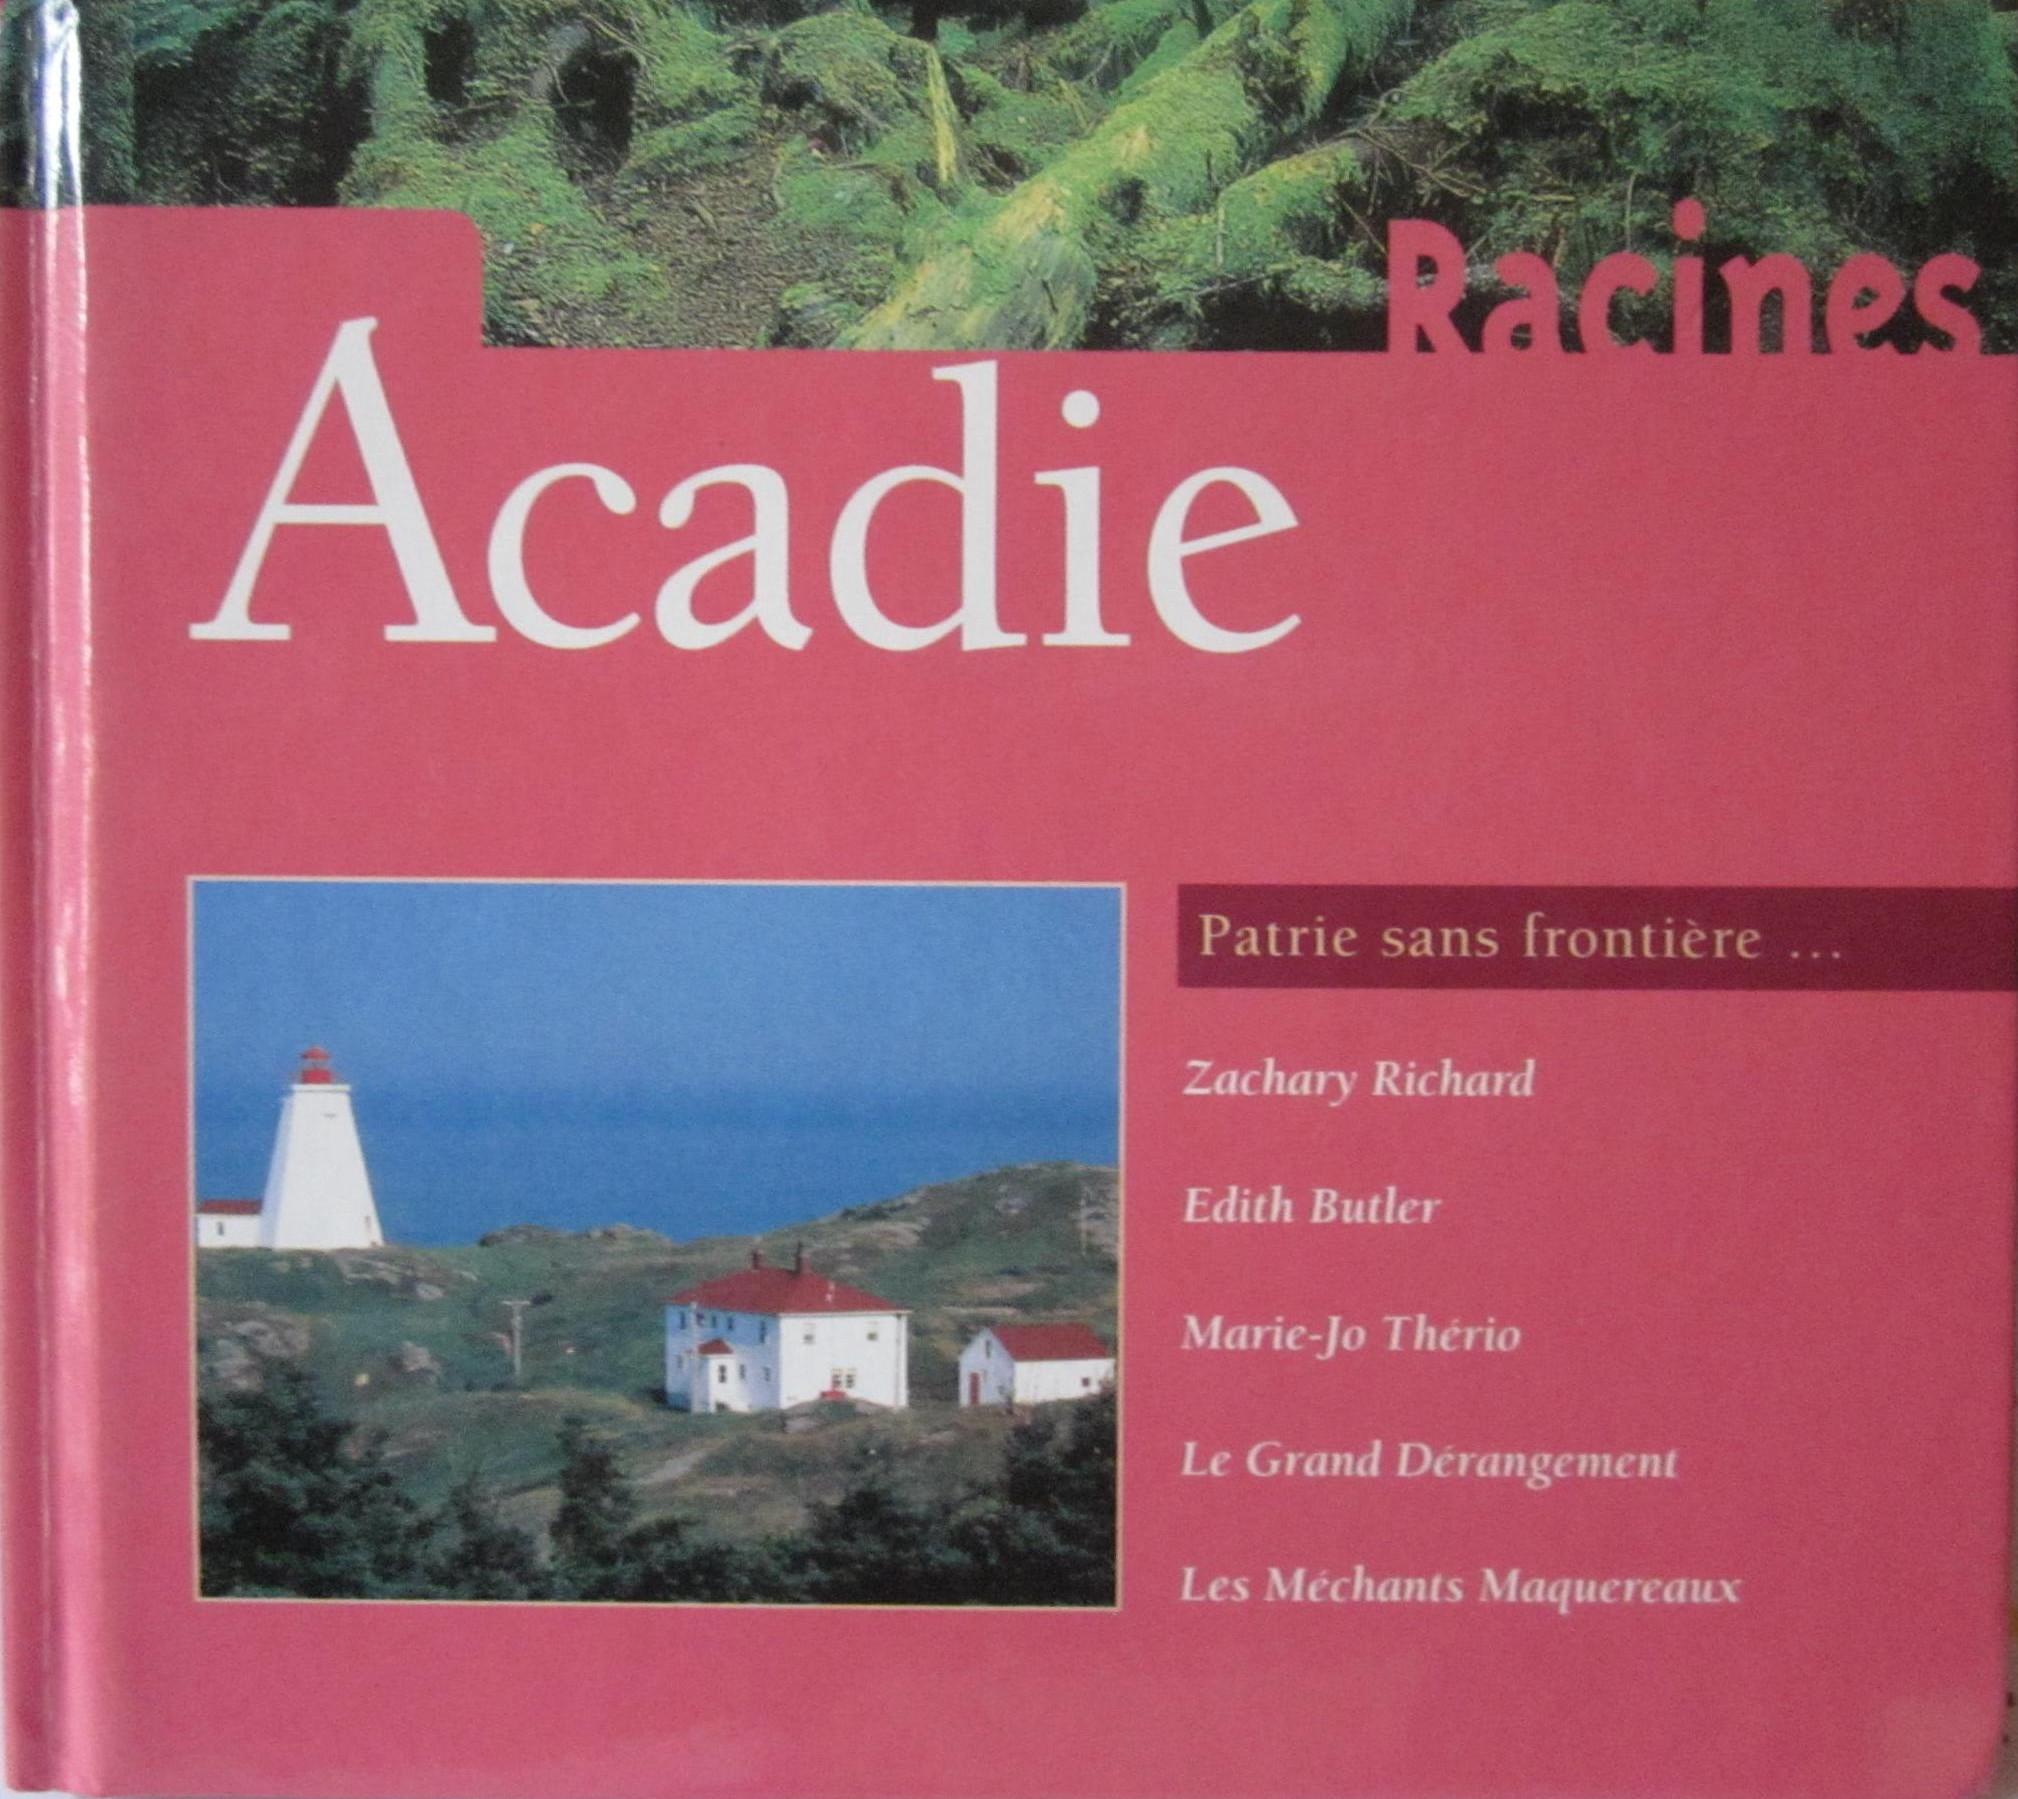 Acadie : Patrie sans frontière |